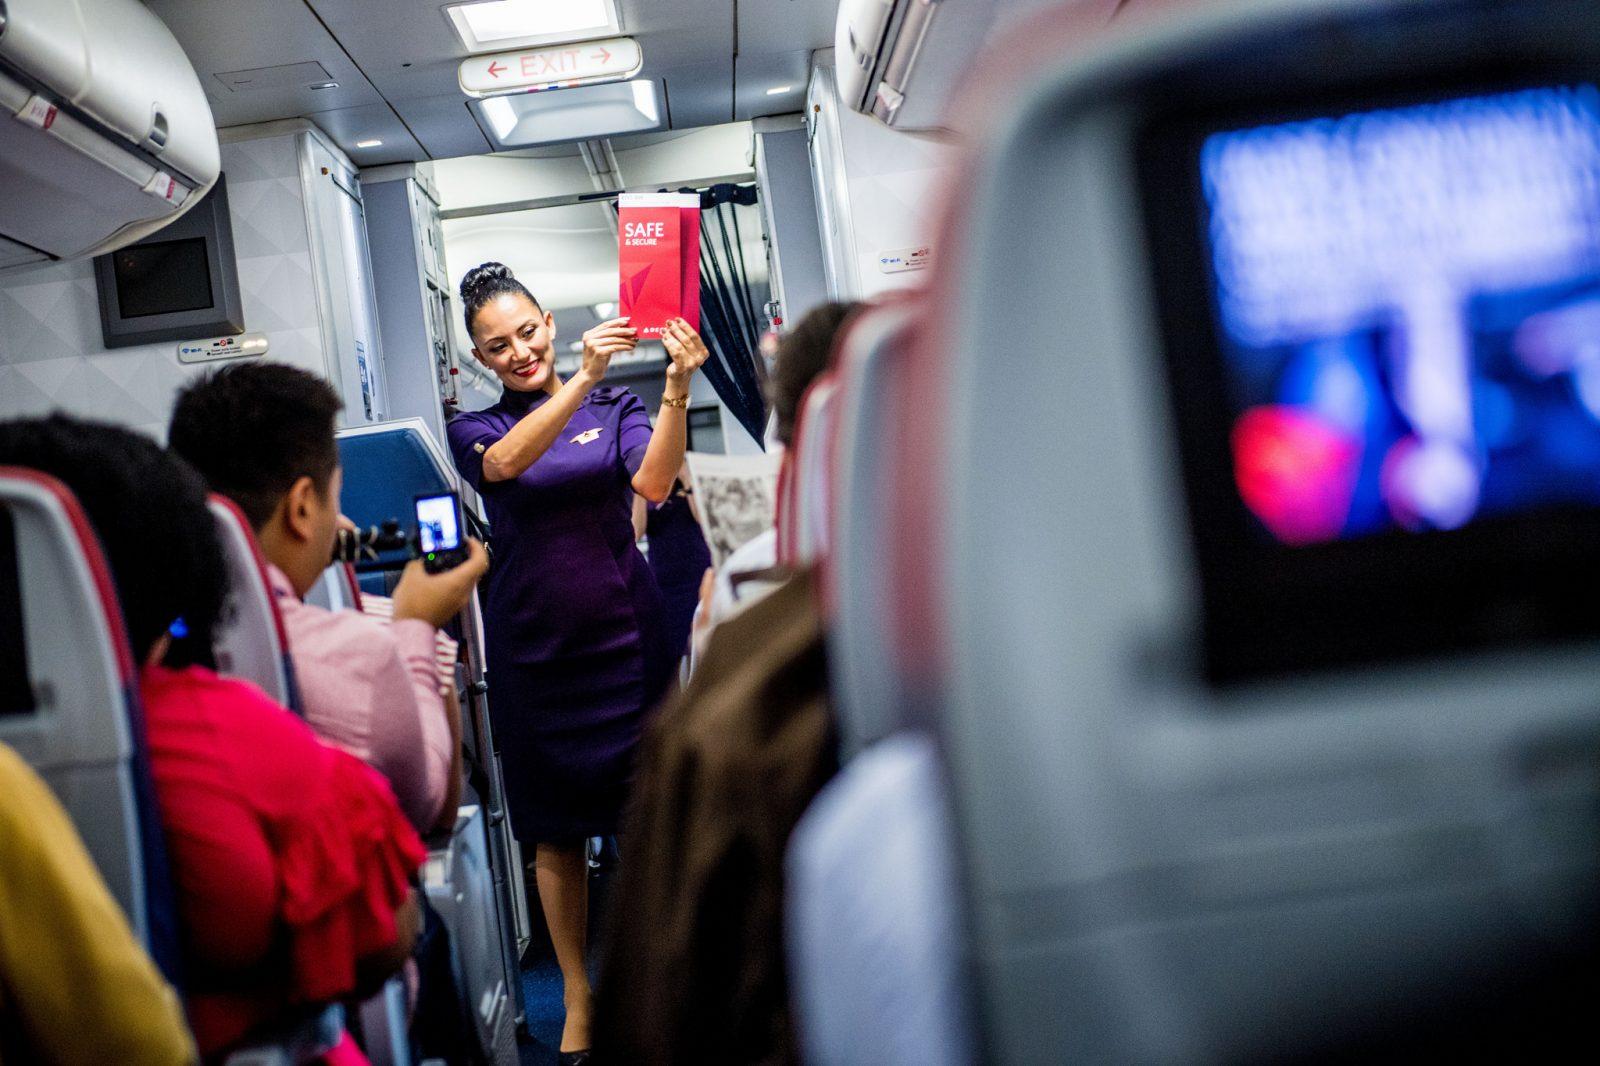 Photo Credit: Delta Air Lines